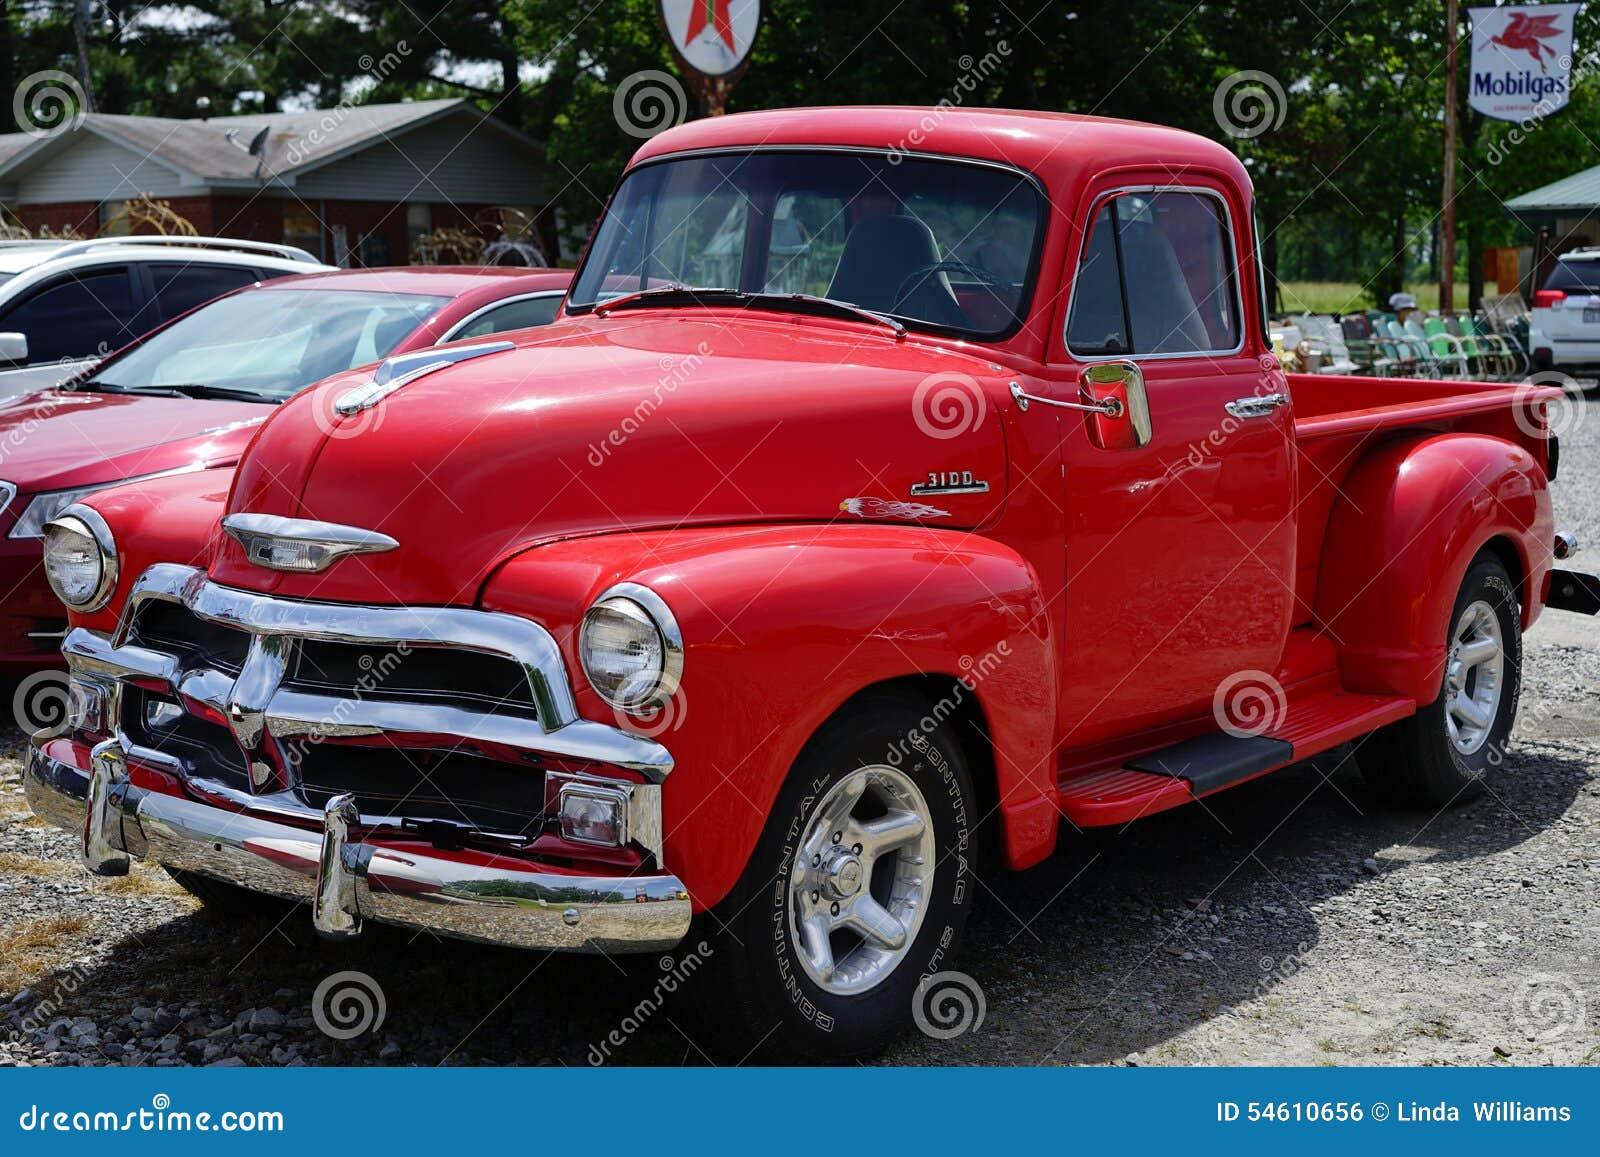 cherry truckers